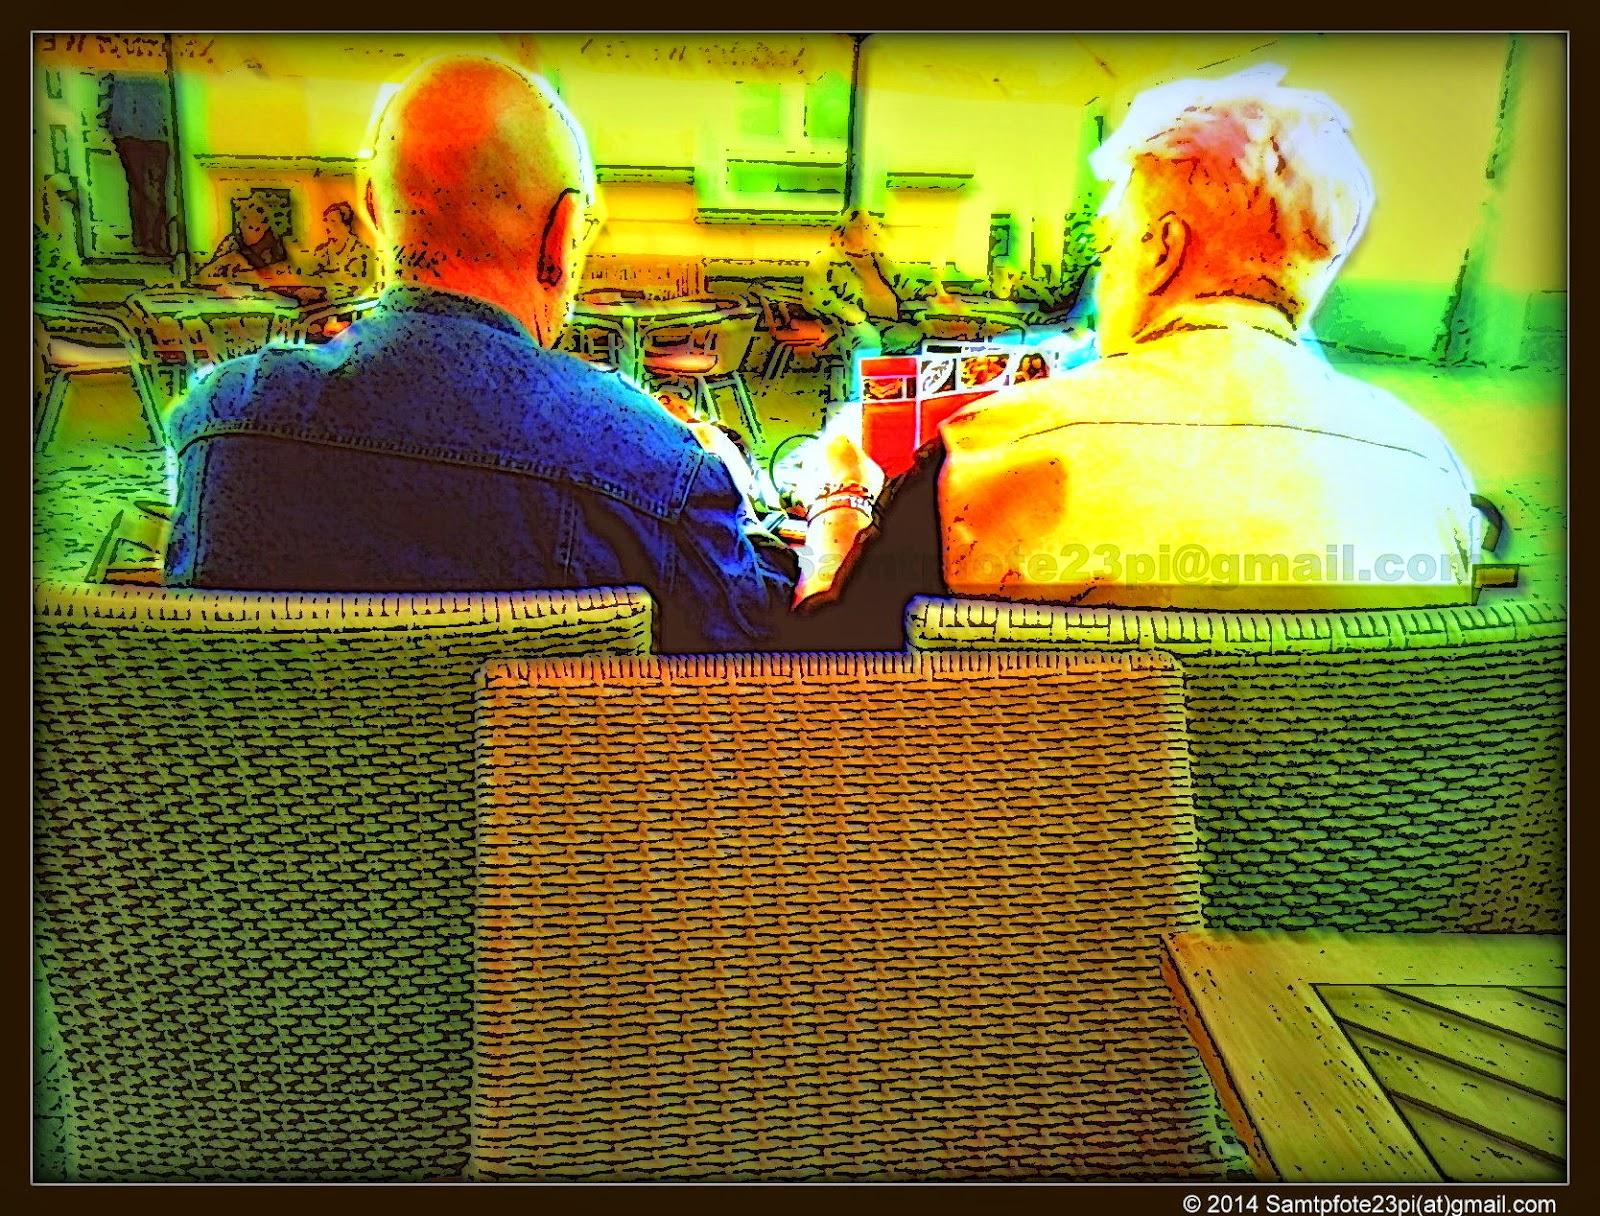 Bild Kaffee & Liebe, © 2014 Samtpfote23pi@gmail.com